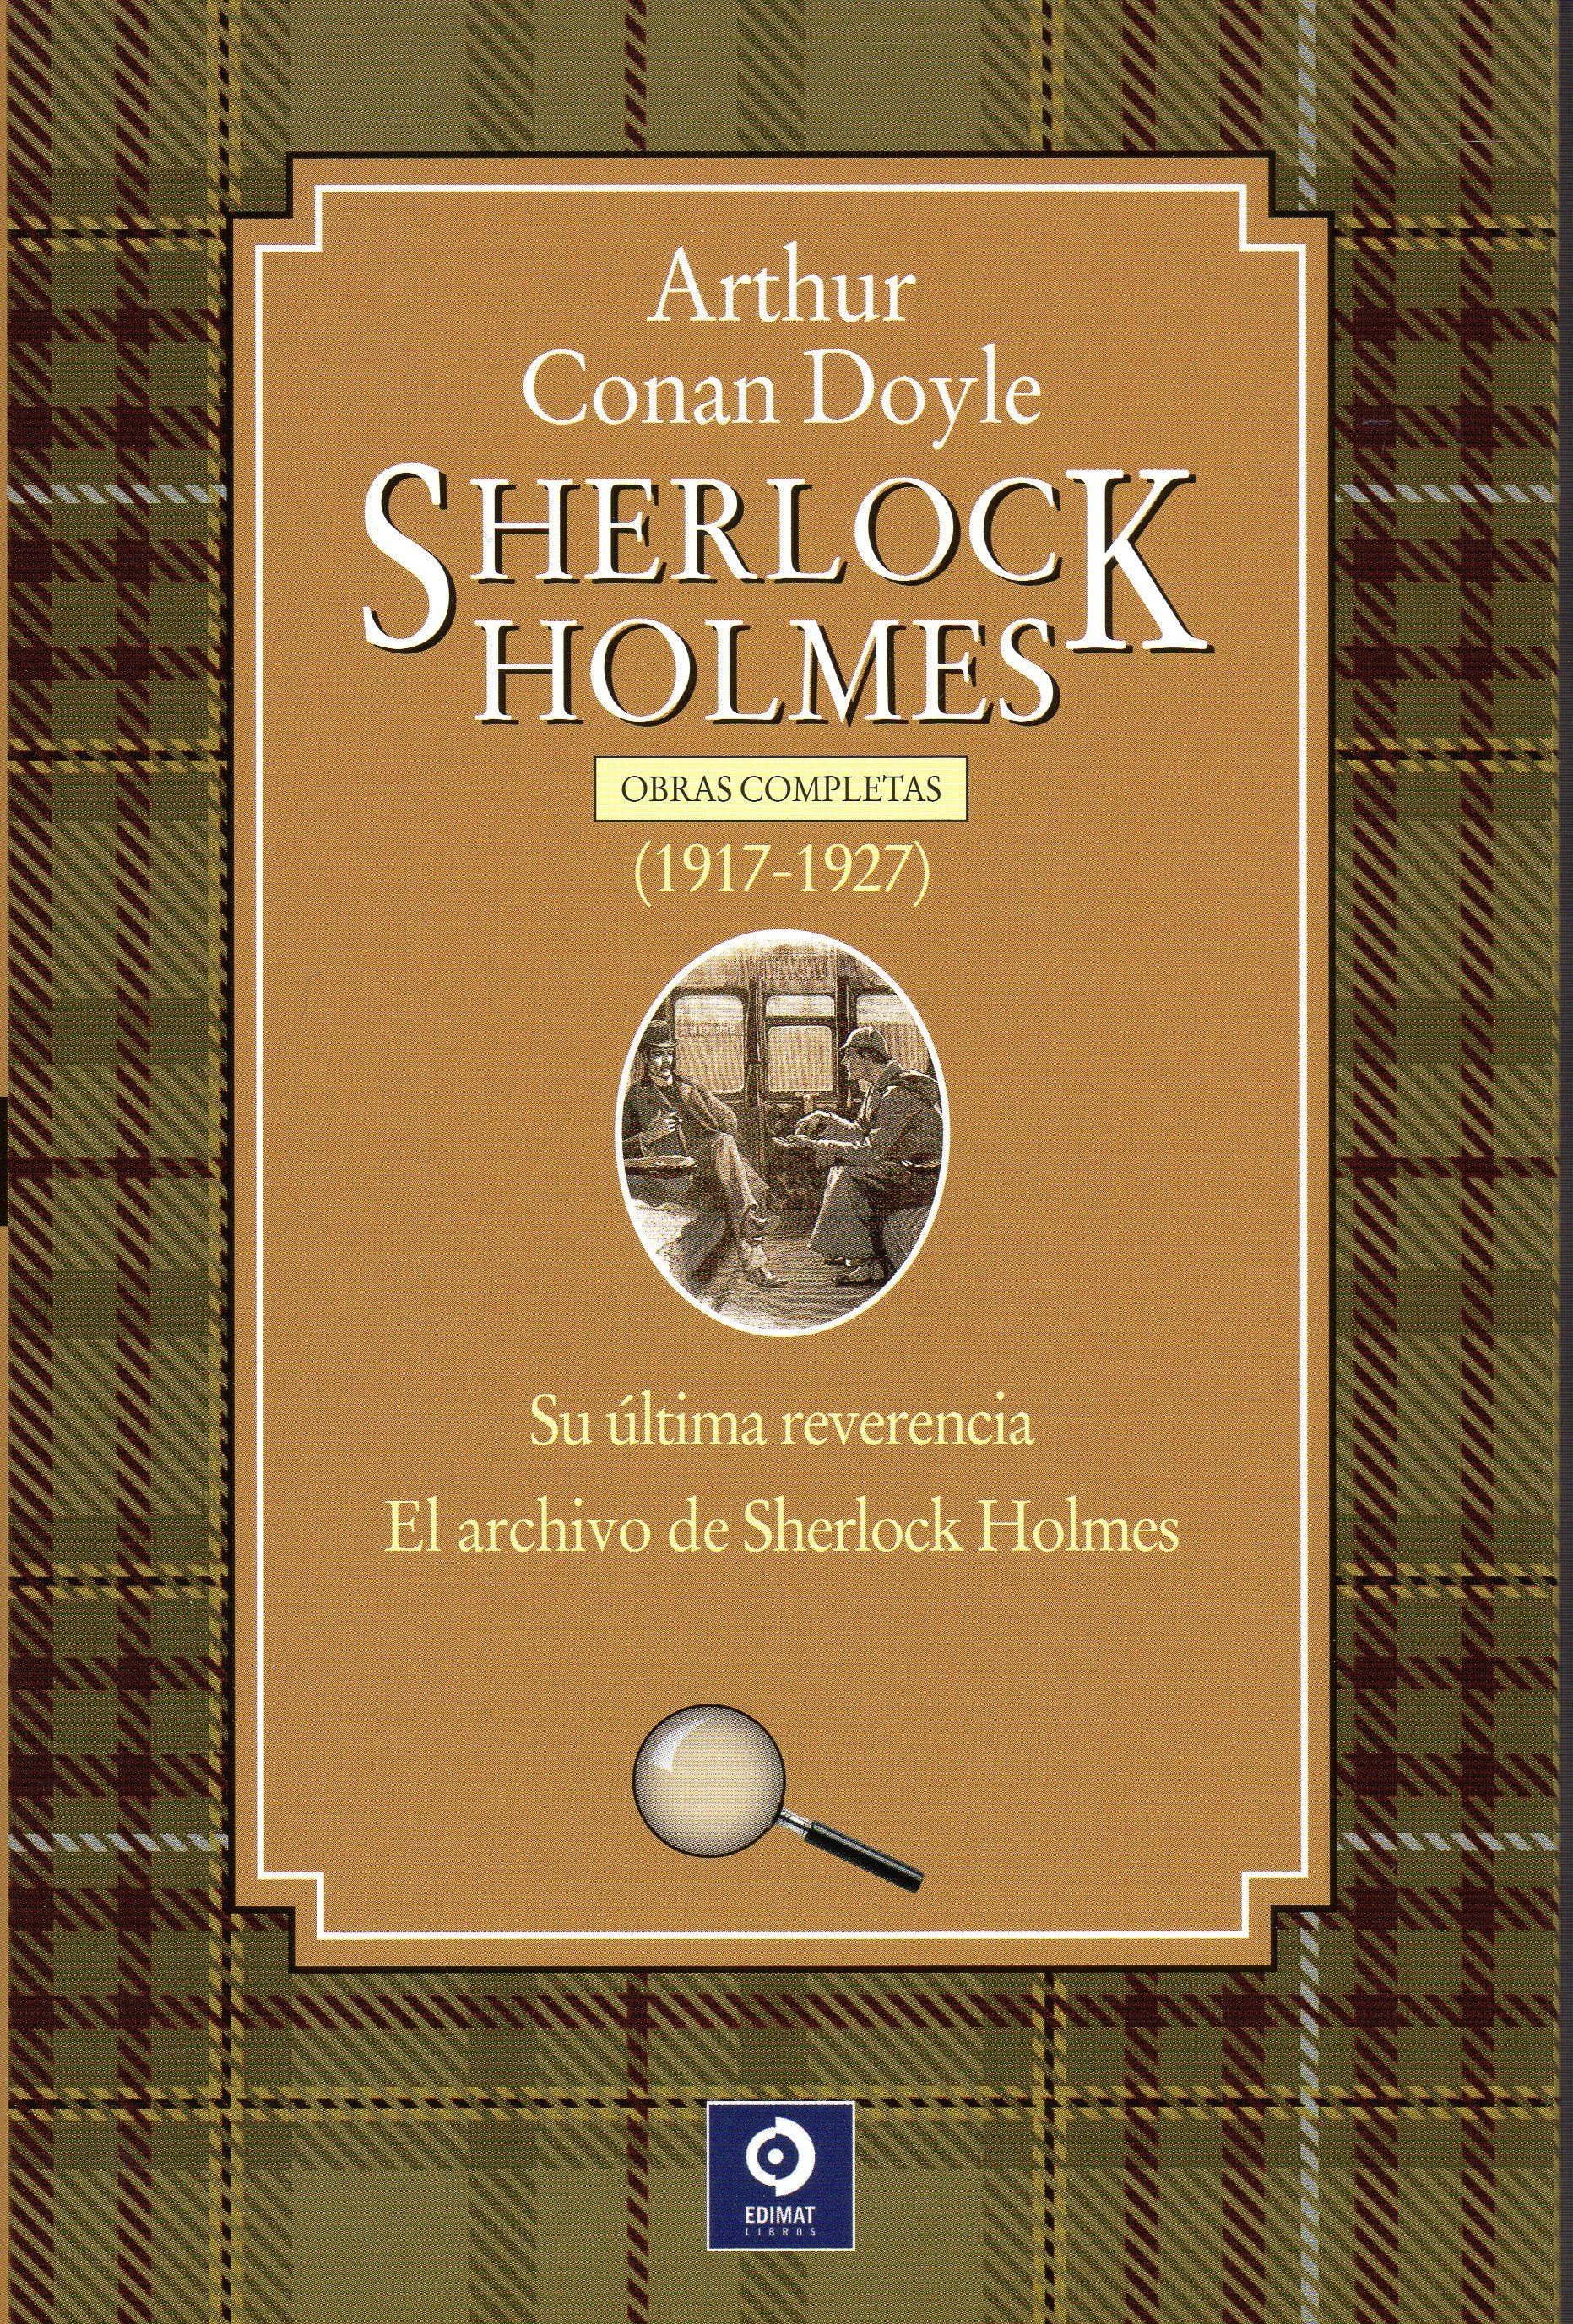 Obras Completas de Sherlock Holmes: Sherlock Holmes  1917-1927: 4